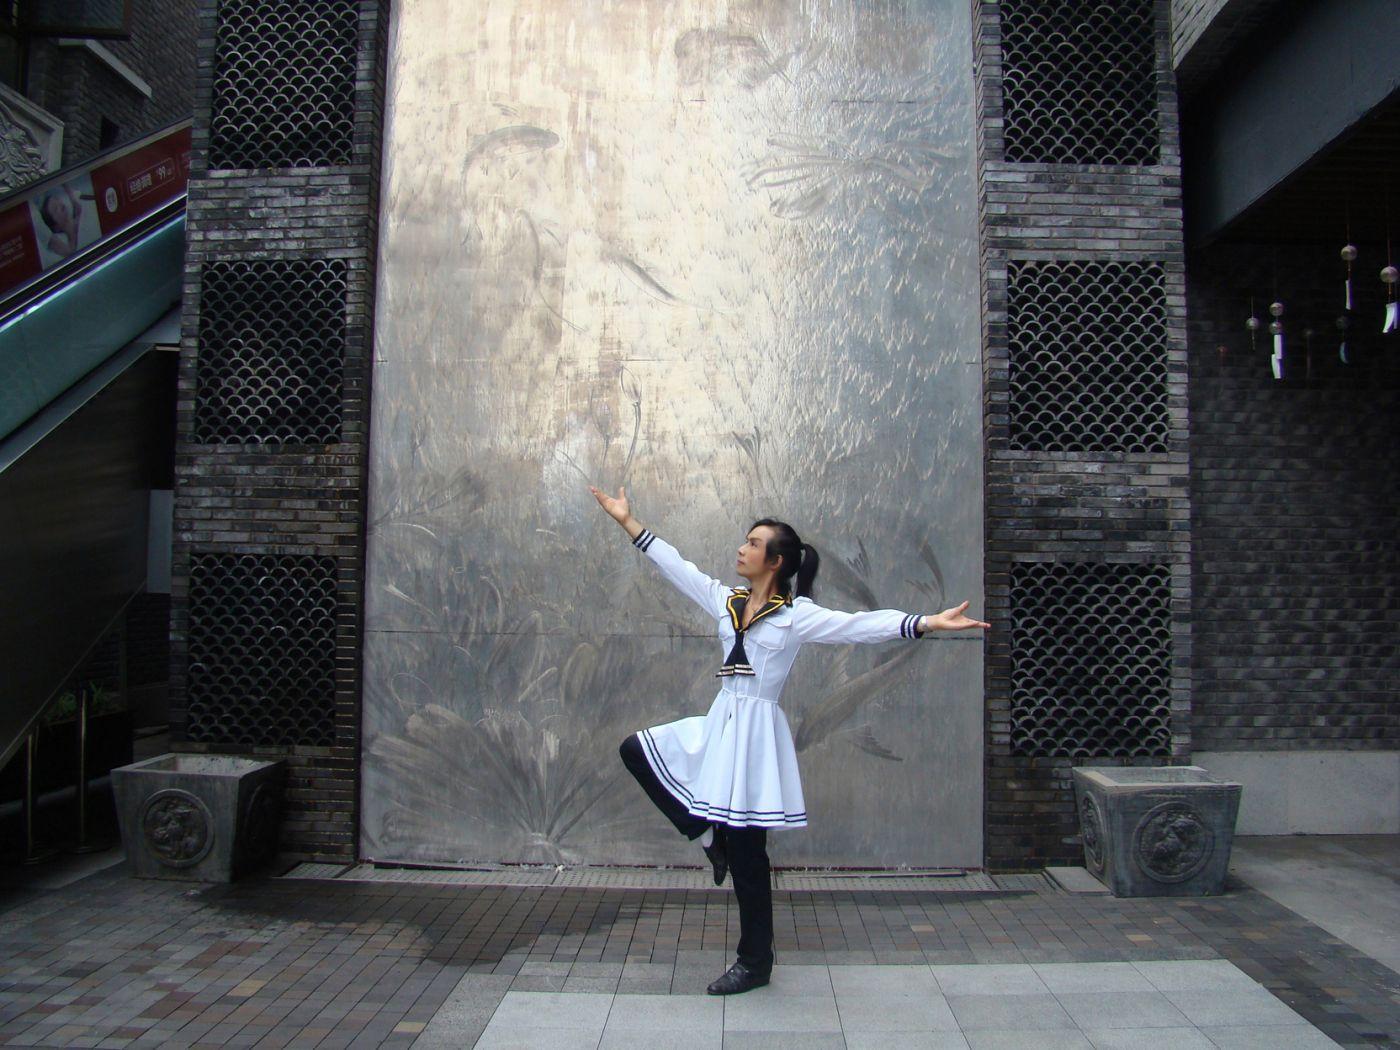 重庆长嘉汇弹子石老街_图1-3